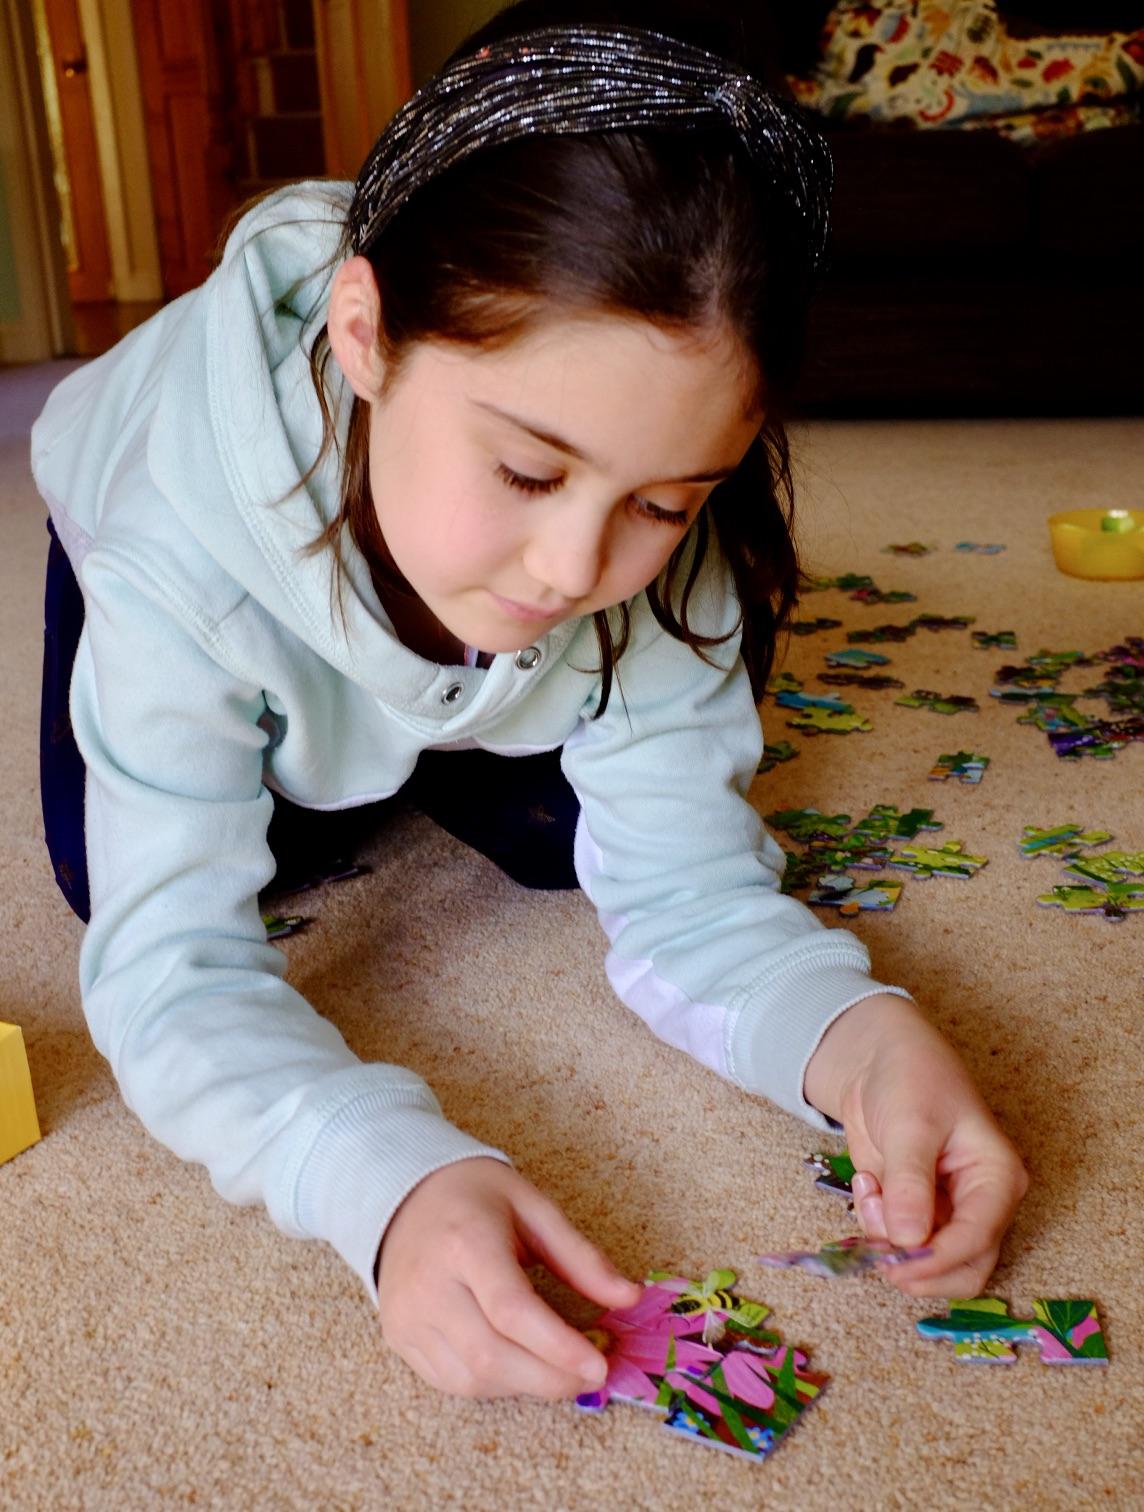 girl doing a jigsaw